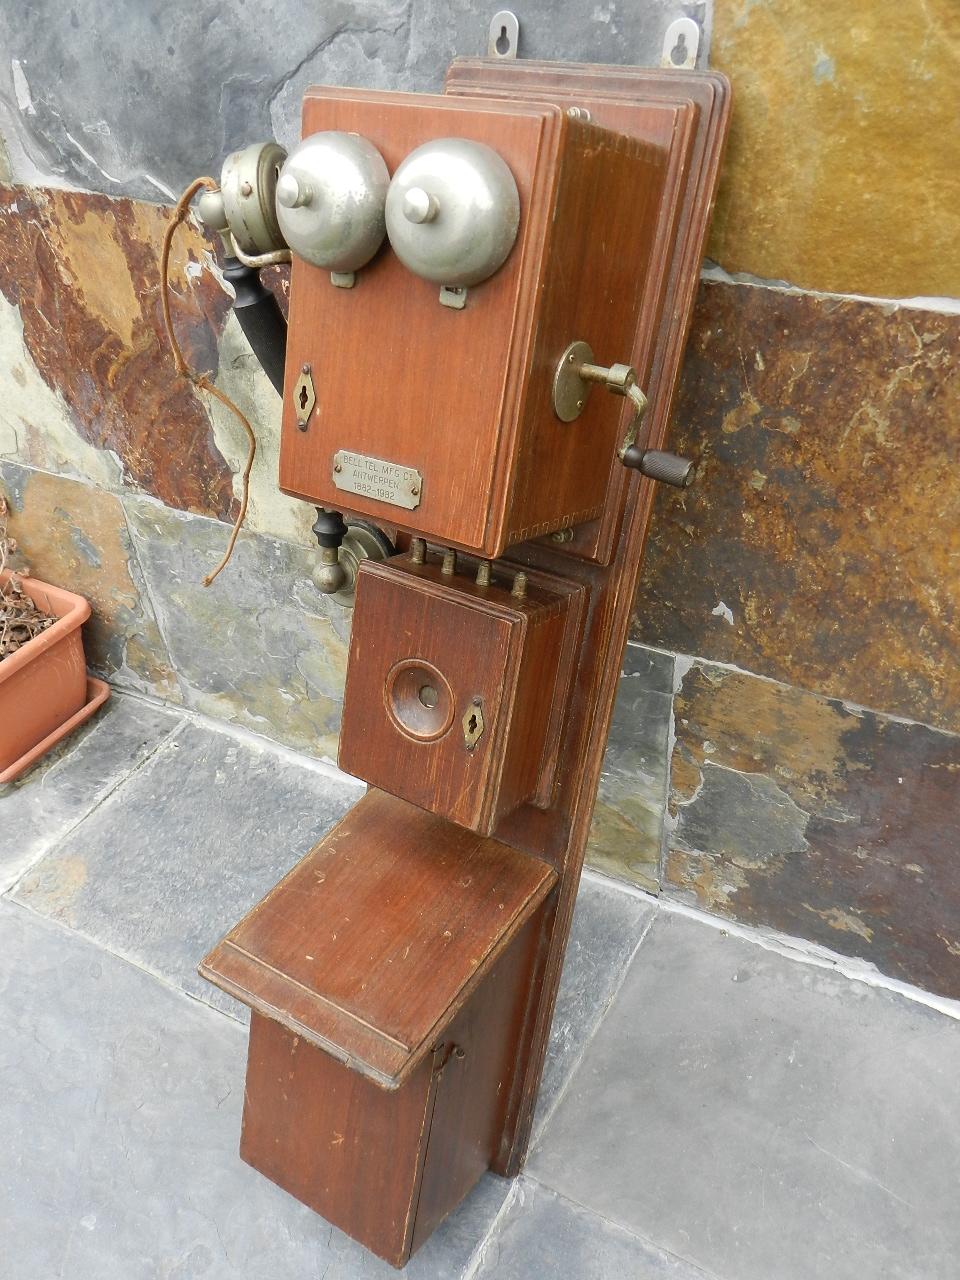 Imagen TELEFONO DE PARED AÑO 1920 34804